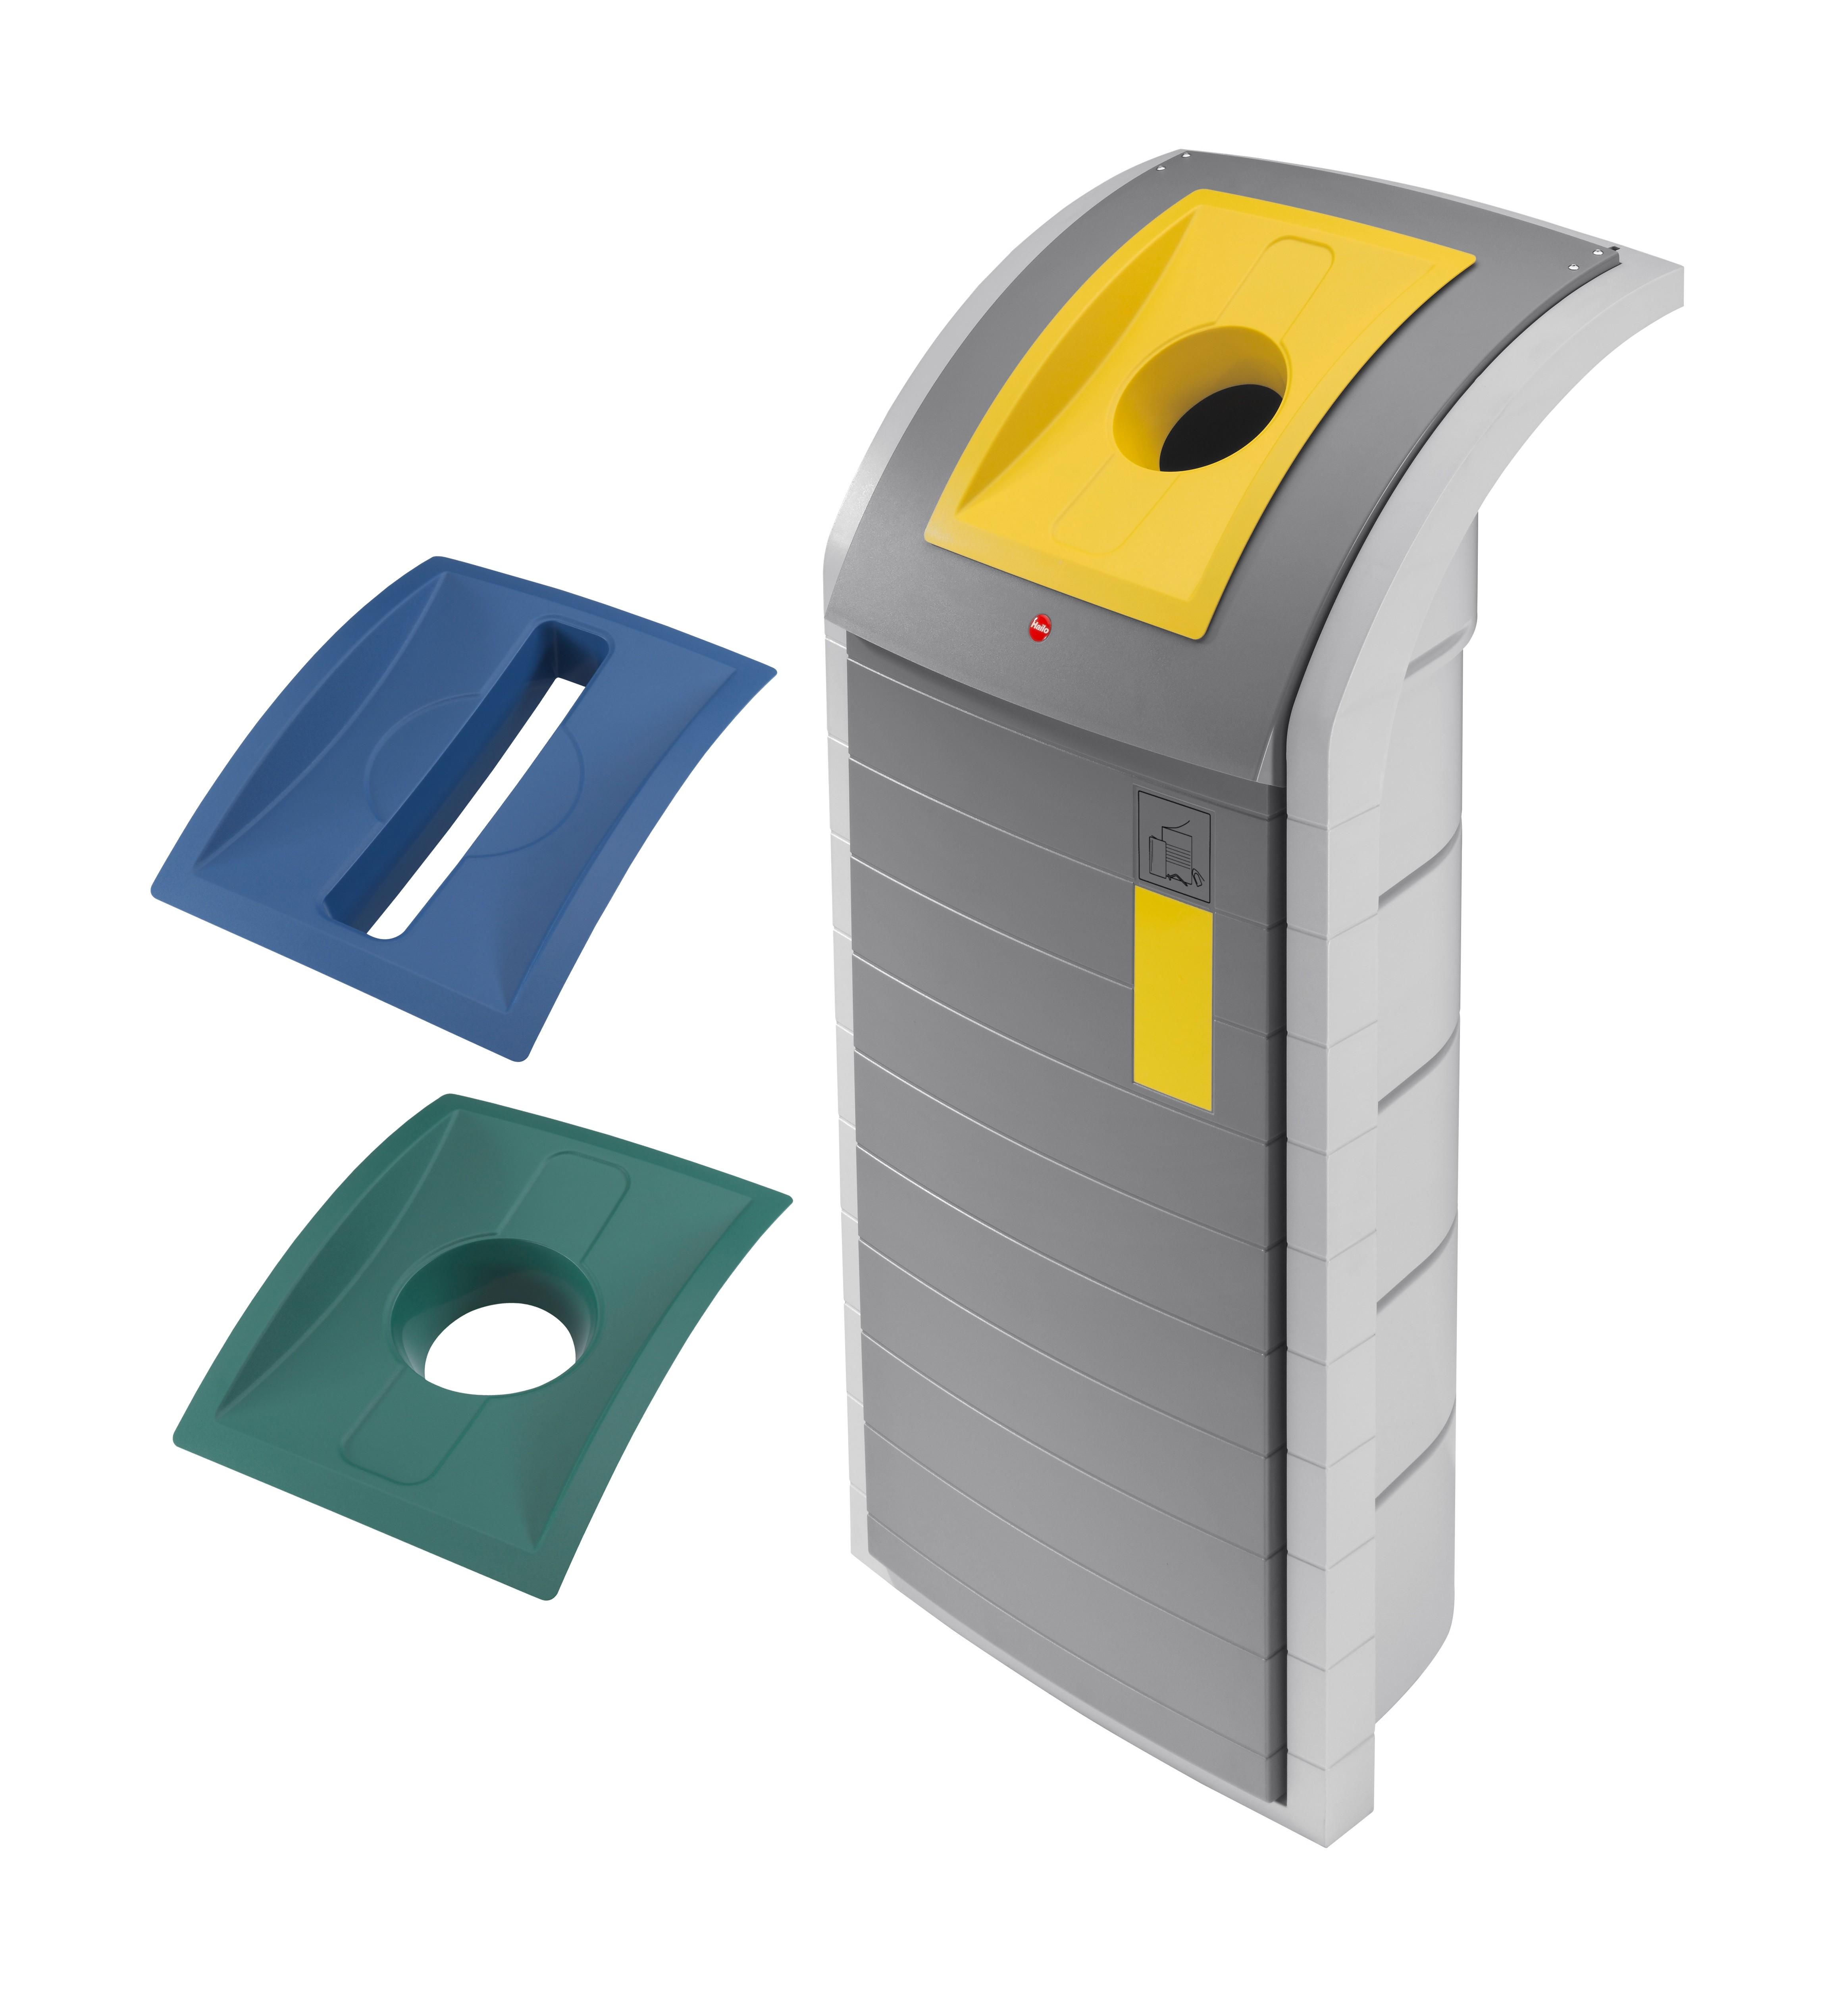 Hailo ProfiLine WSB-K plus, staubgrau, Einsätze: grün, gelb, blau, Wertstoffbehälter